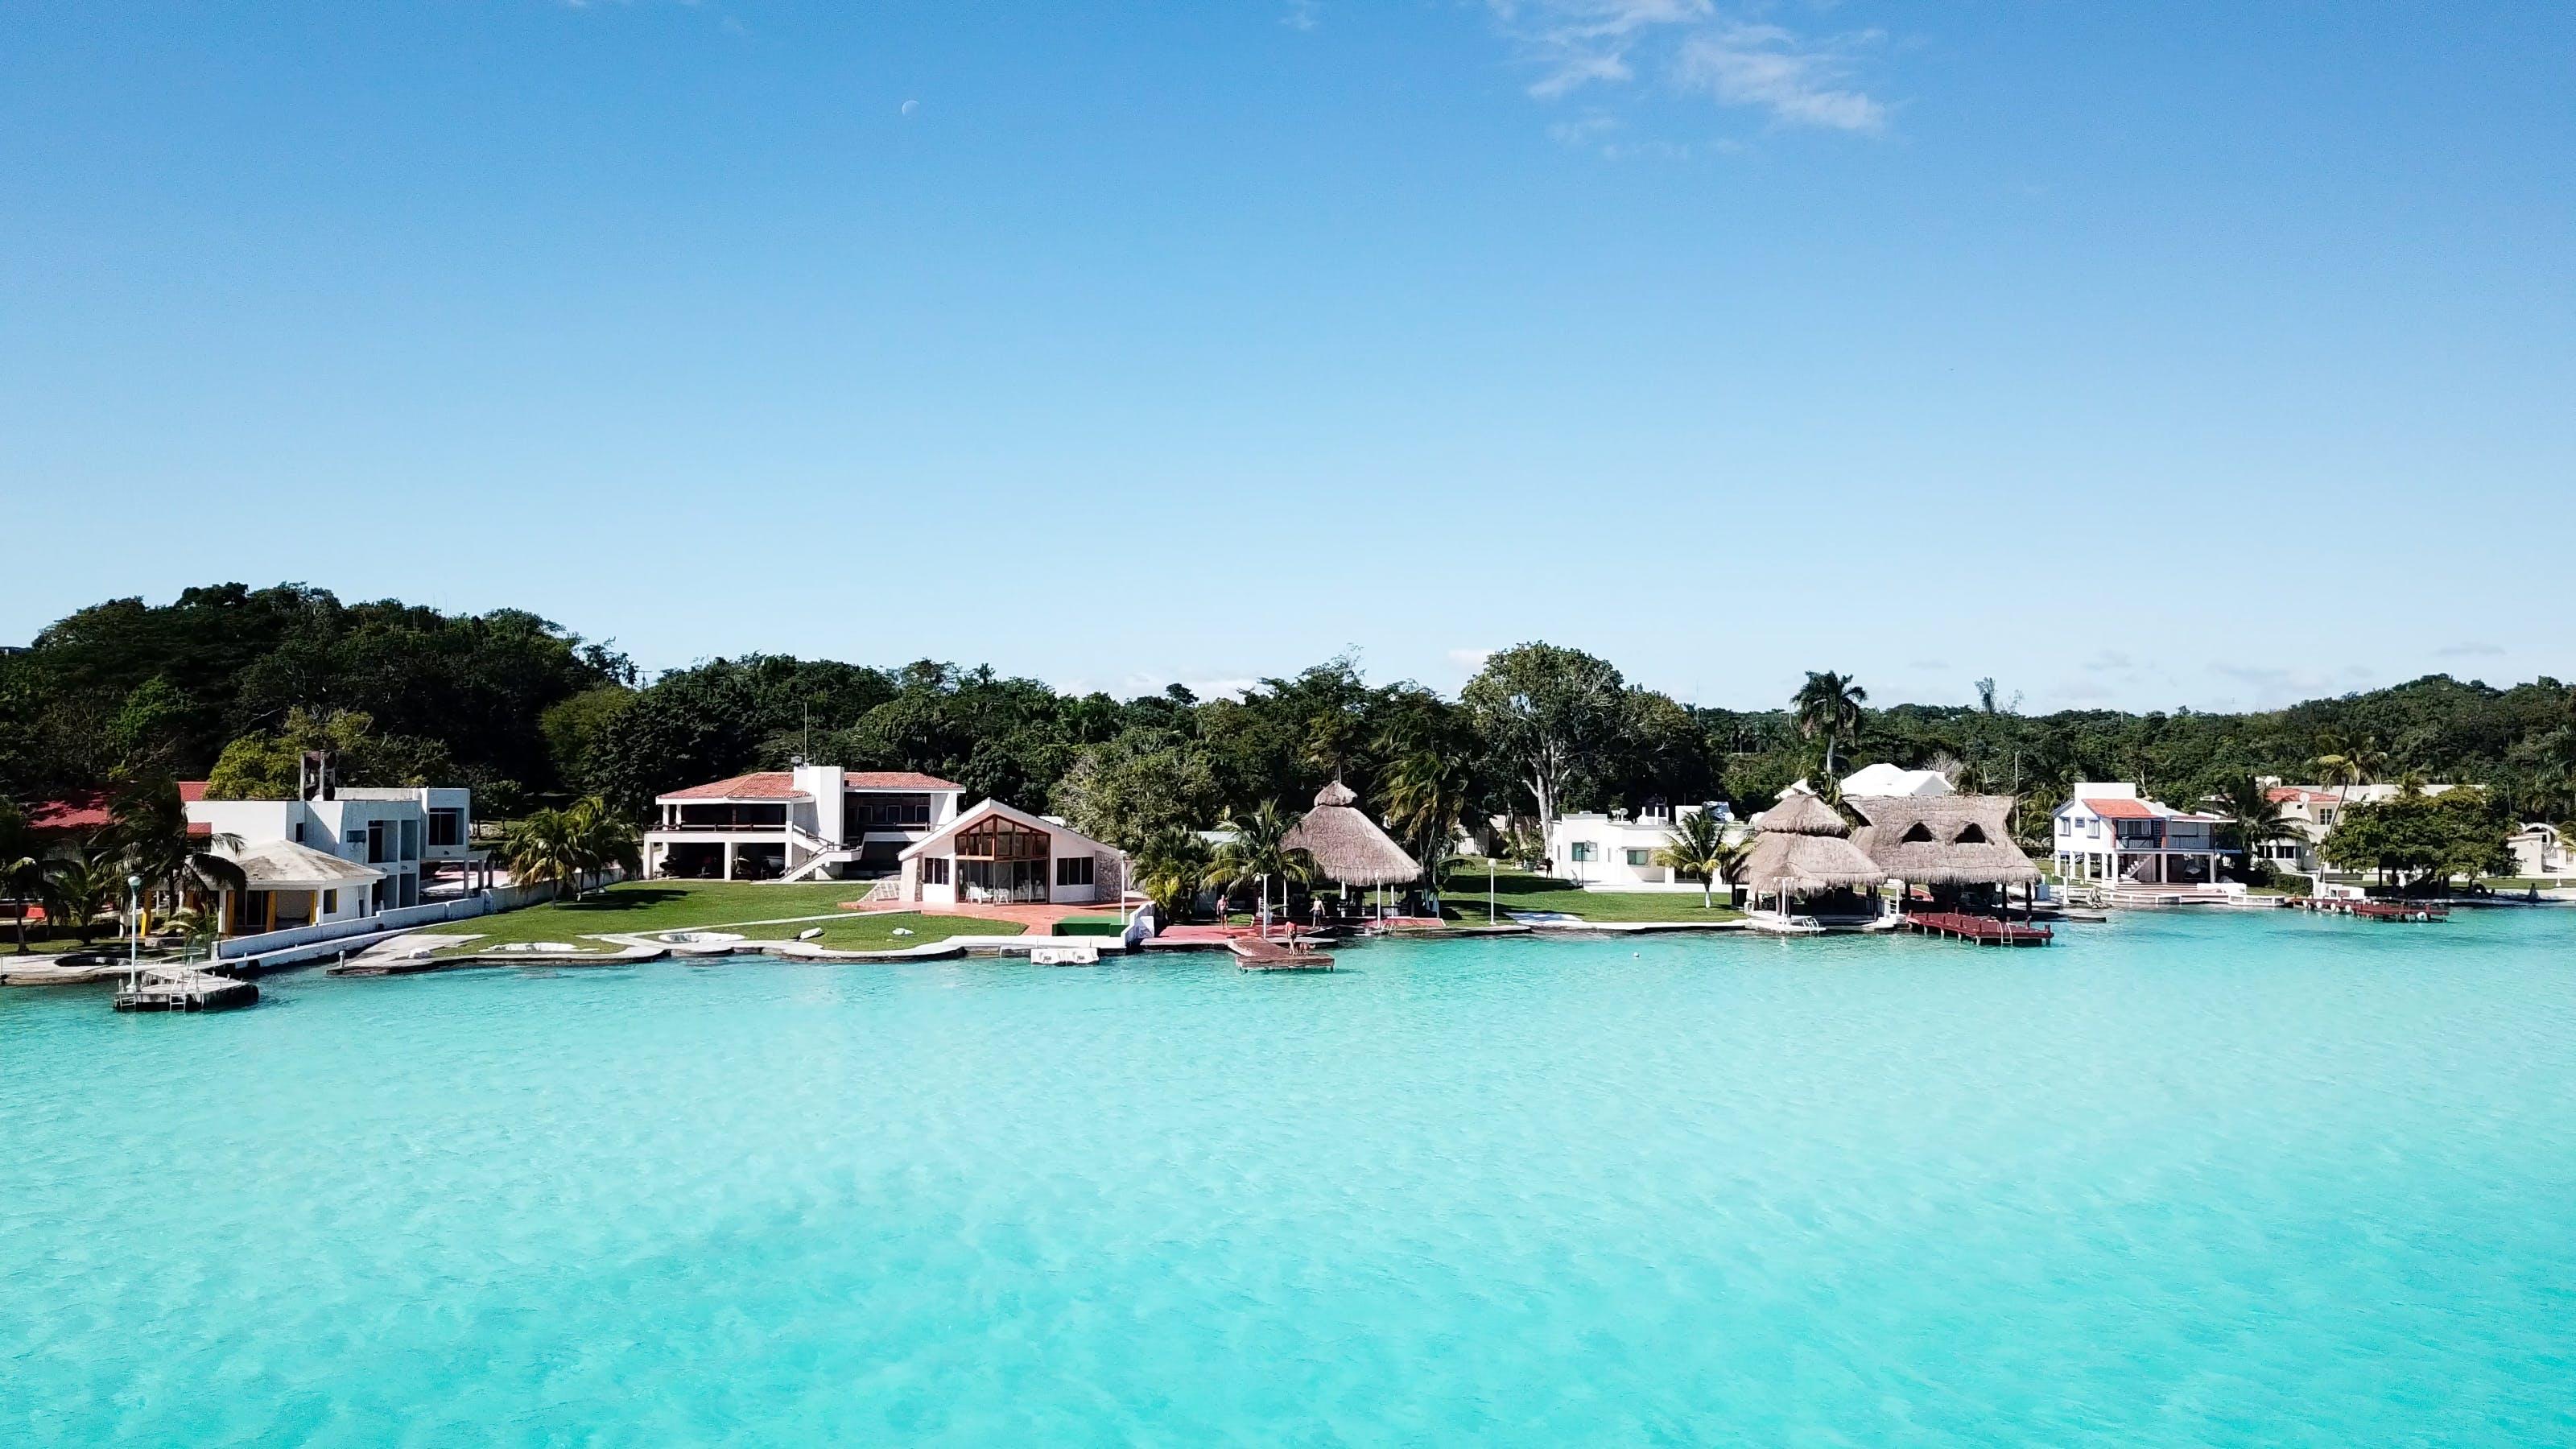 Kostenloses Stock Foto zu blaue lagune, eigenschaften investieren, makler, playa angebote